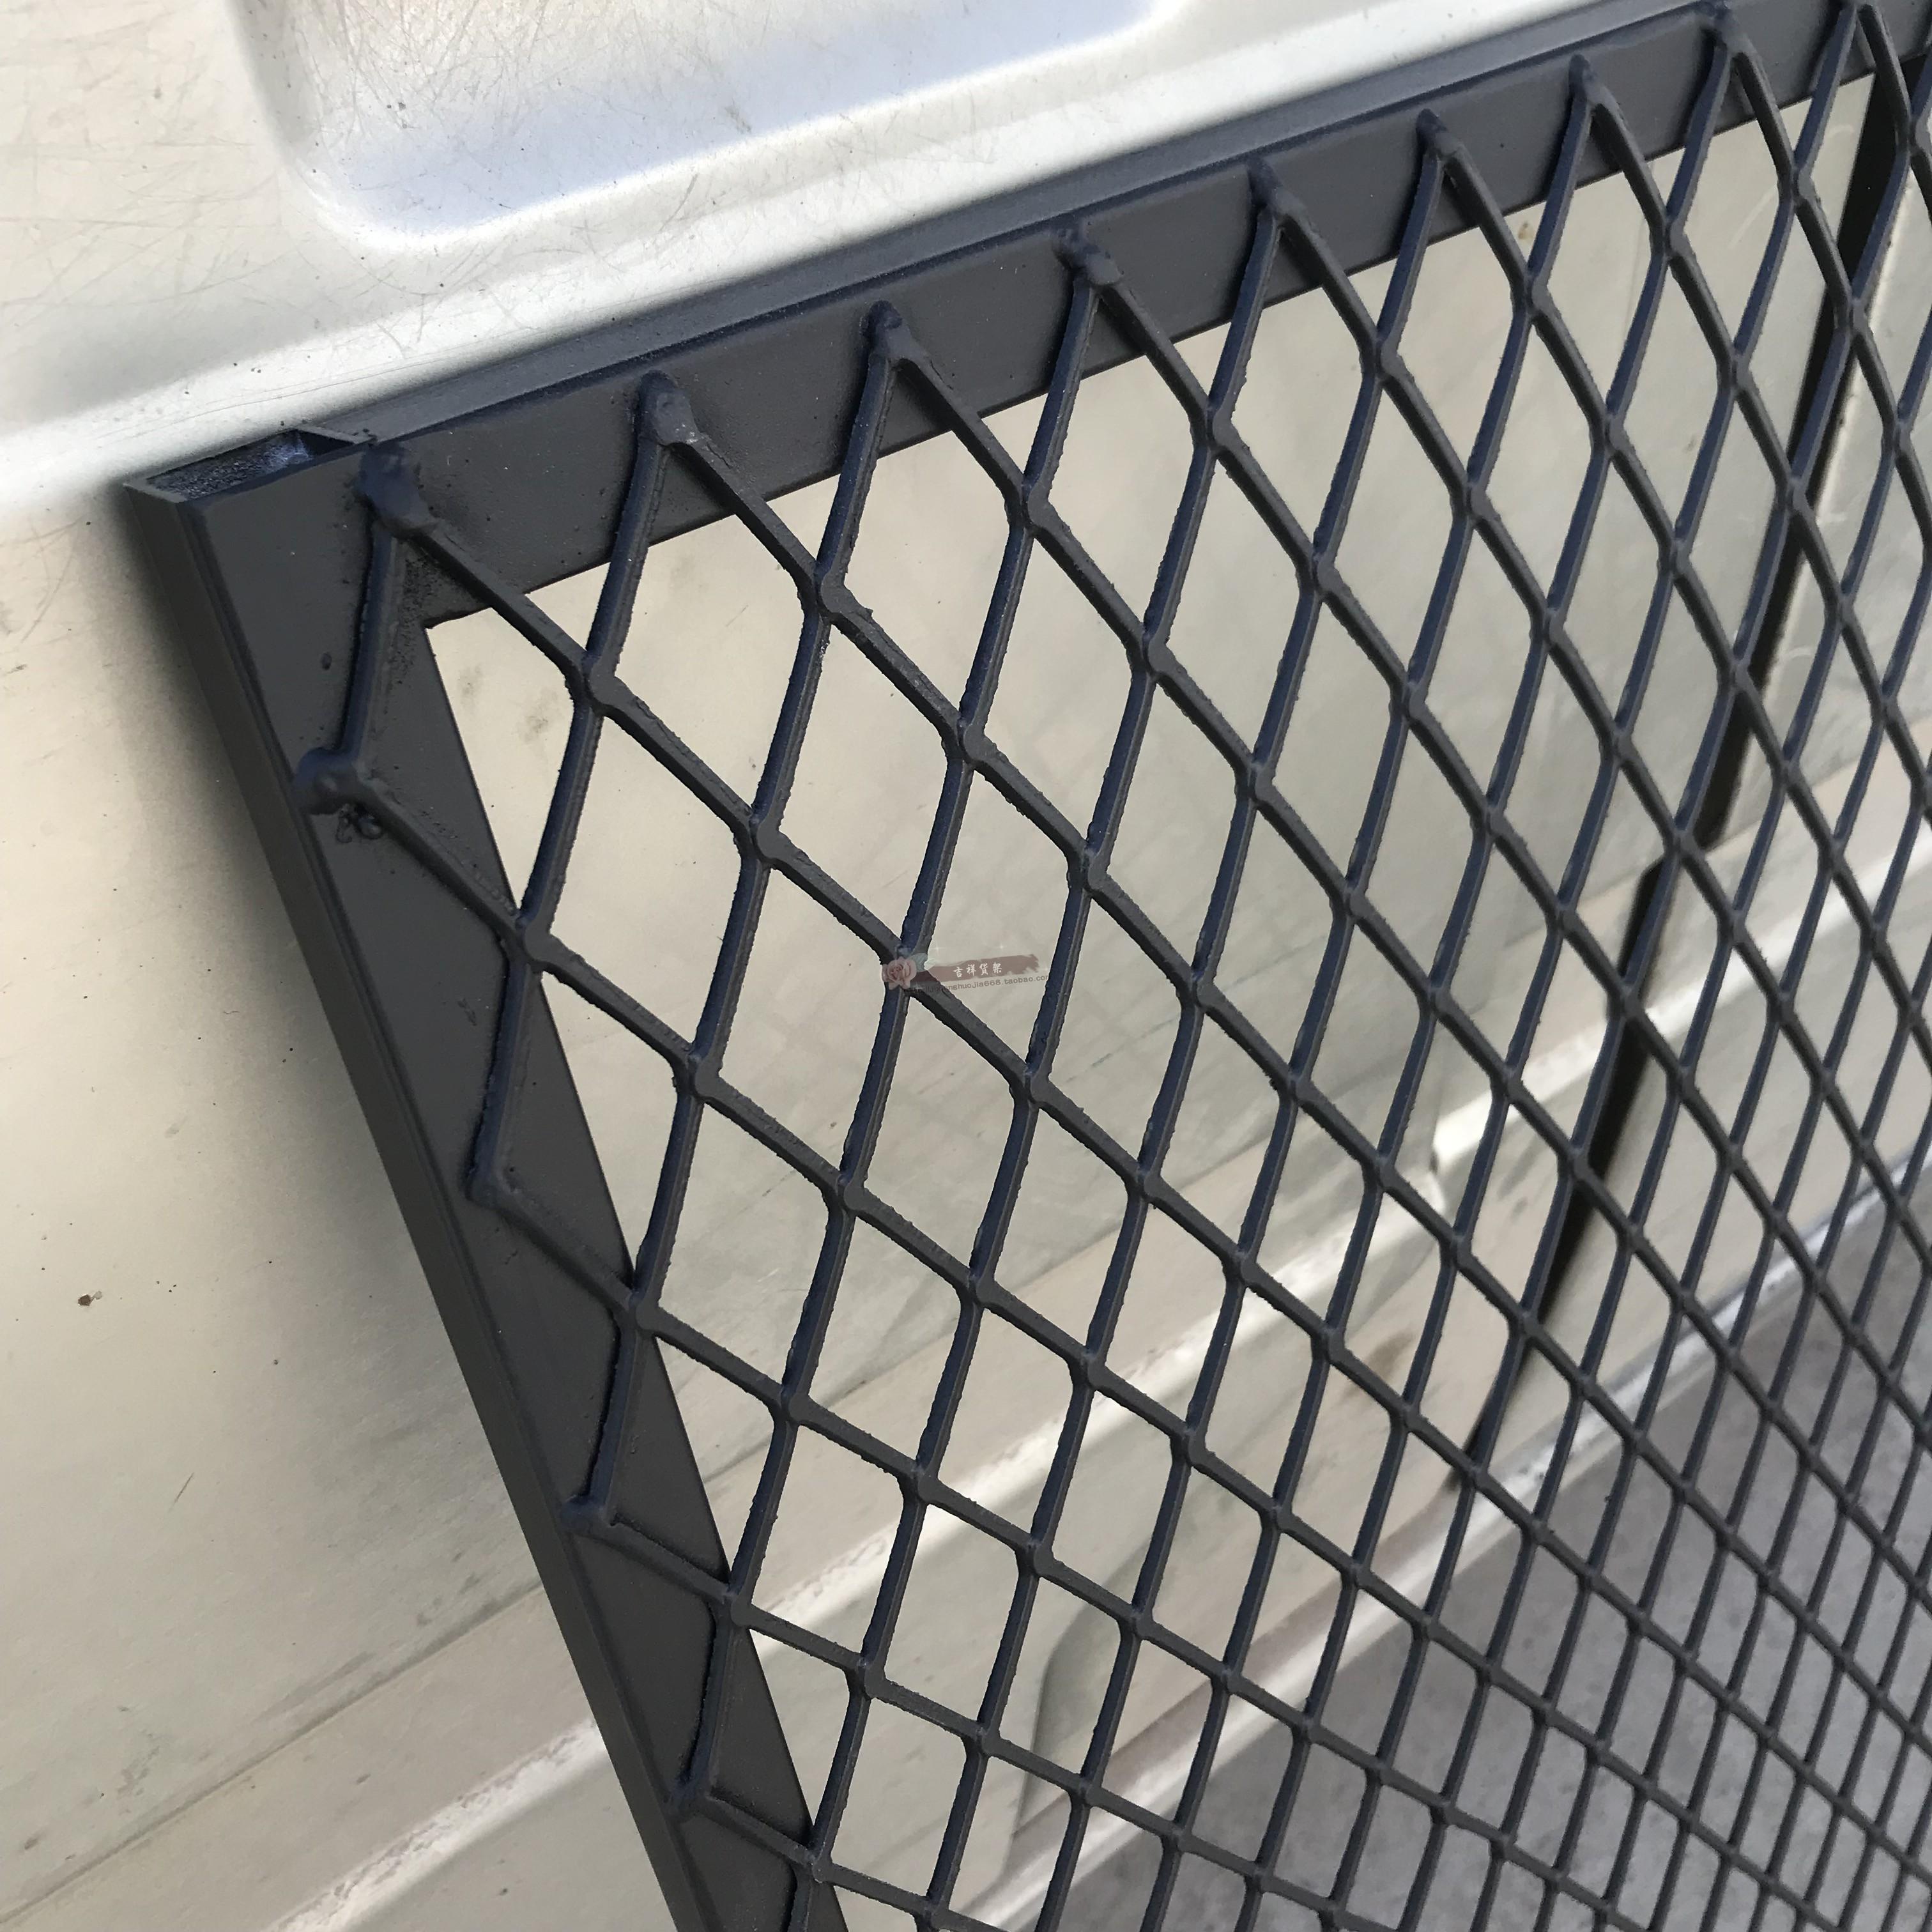 定做菱形网格网片 装饰隔断墙 镂空吊顶铁丝网隔断屏风餐厅铁丝网